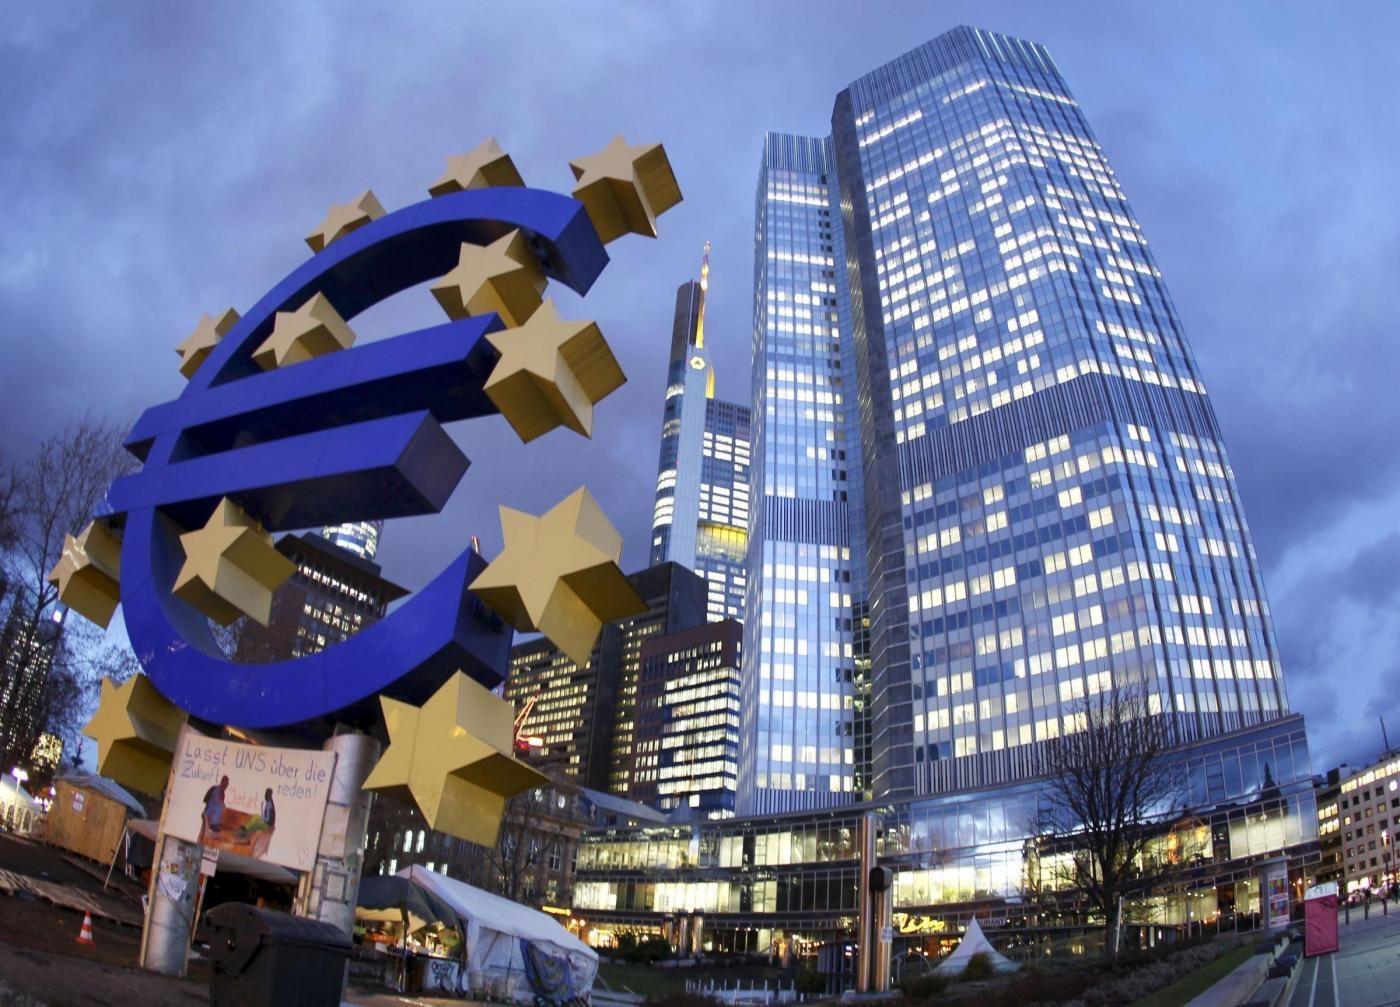 Еврокомиссия повысила прогноз роста ВВП еврозоны- Kapital.kz